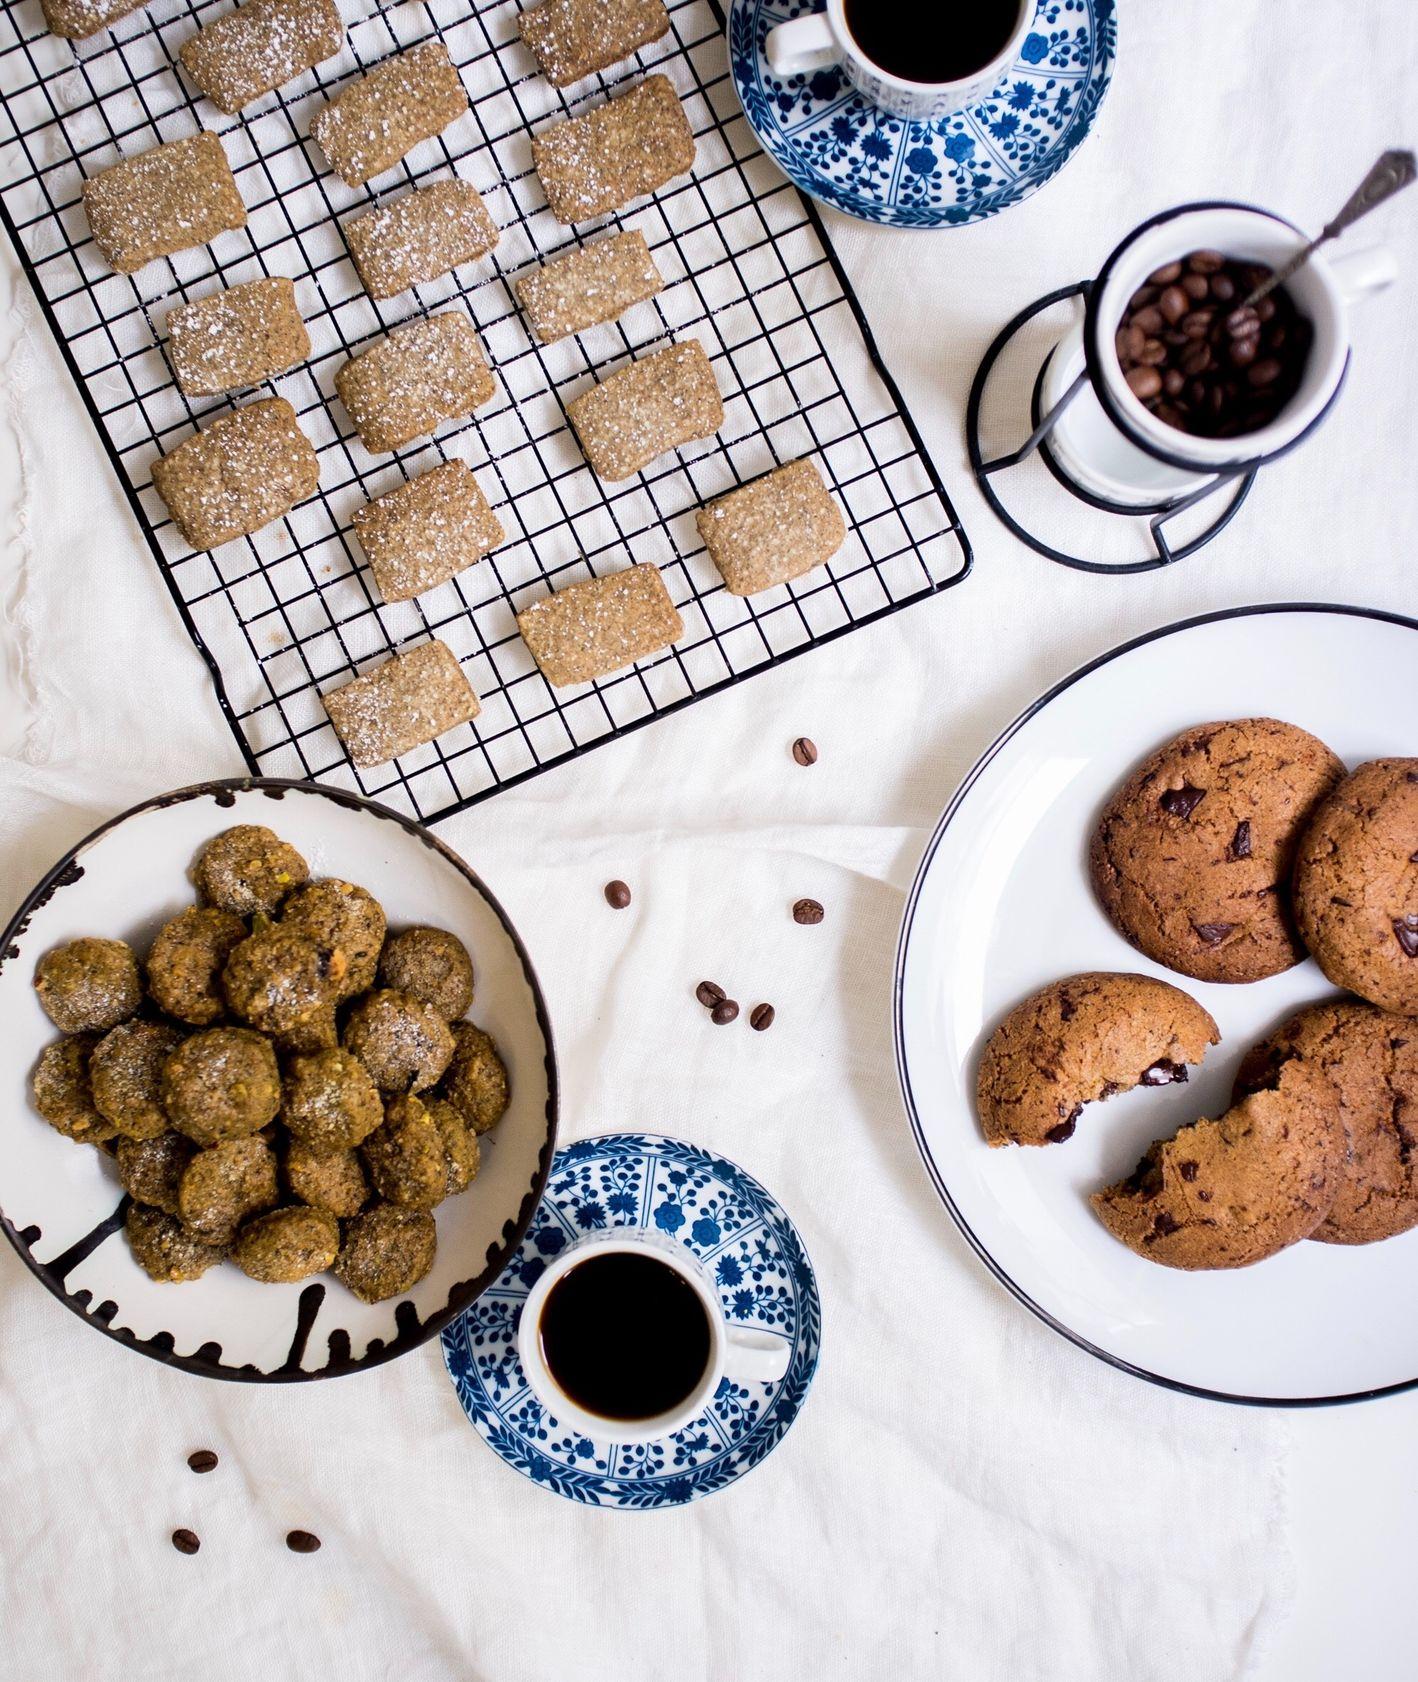 Ciekawe ciasteczka z fusami z kawy (fot. Zuza Rożek)